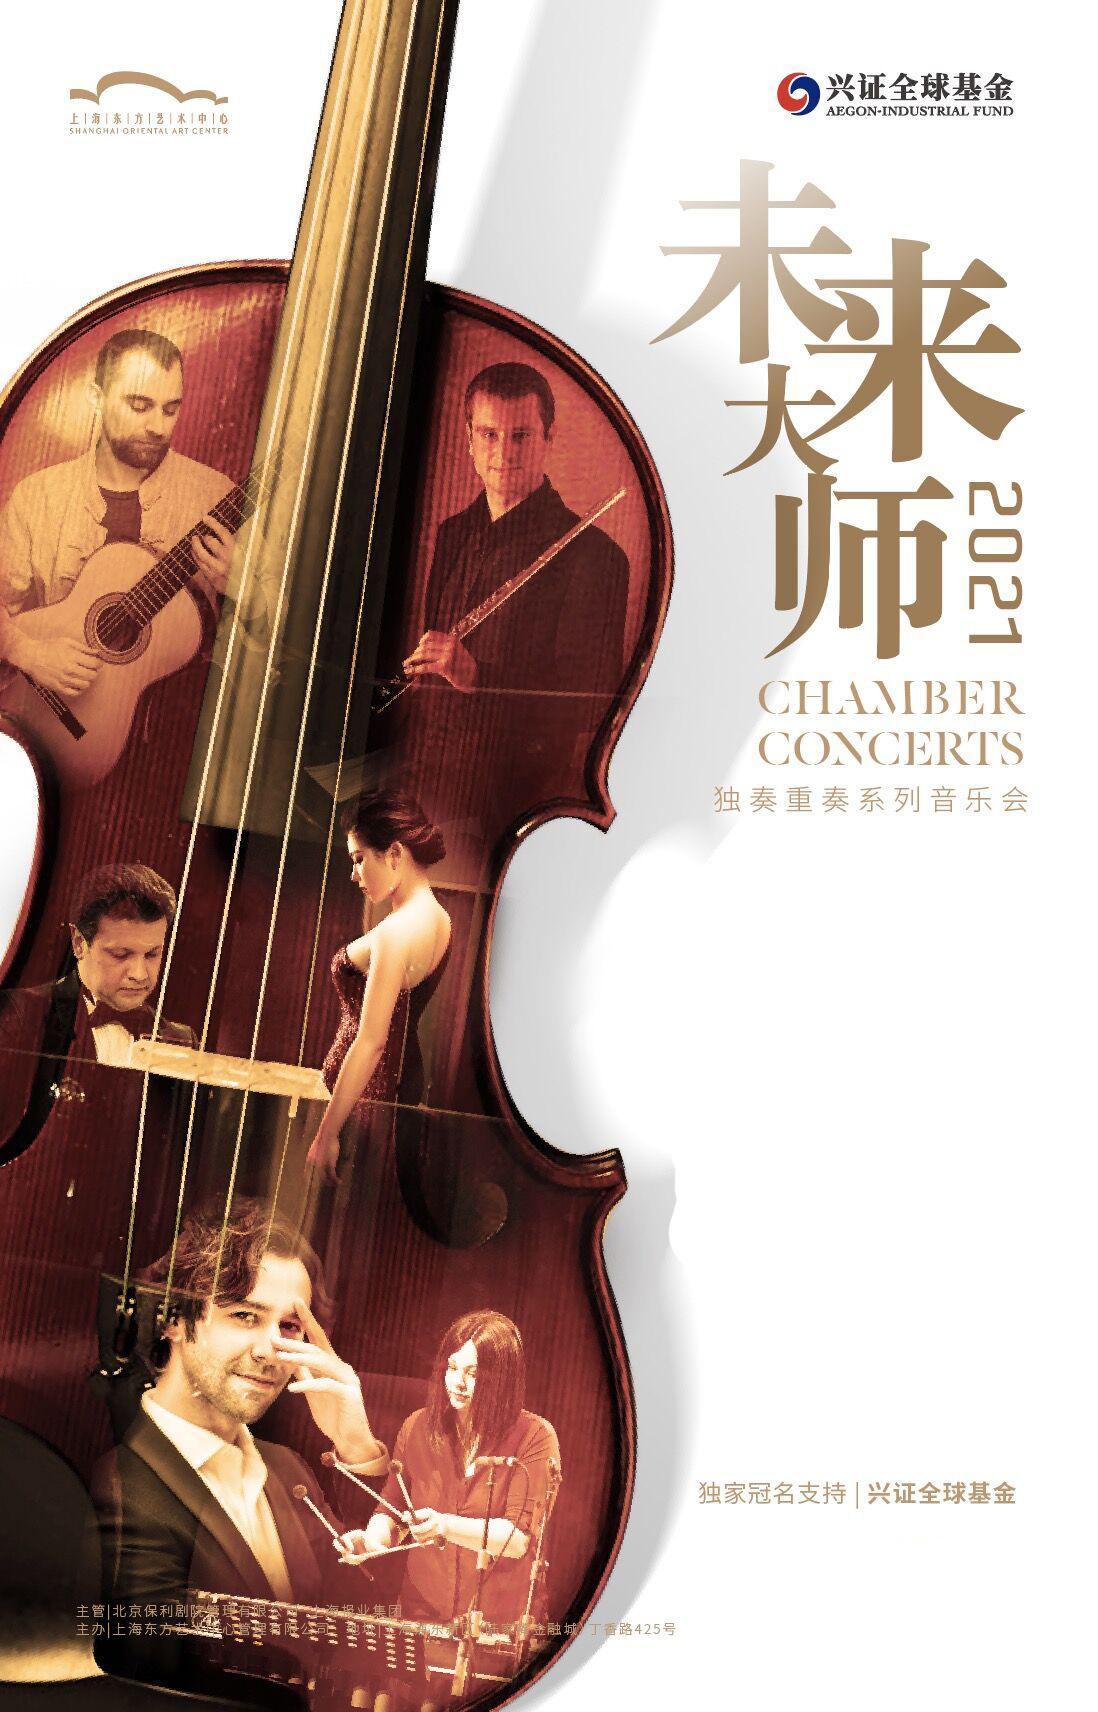 旅欧萨克斯演奏家姜汉超与朋友们音乐会